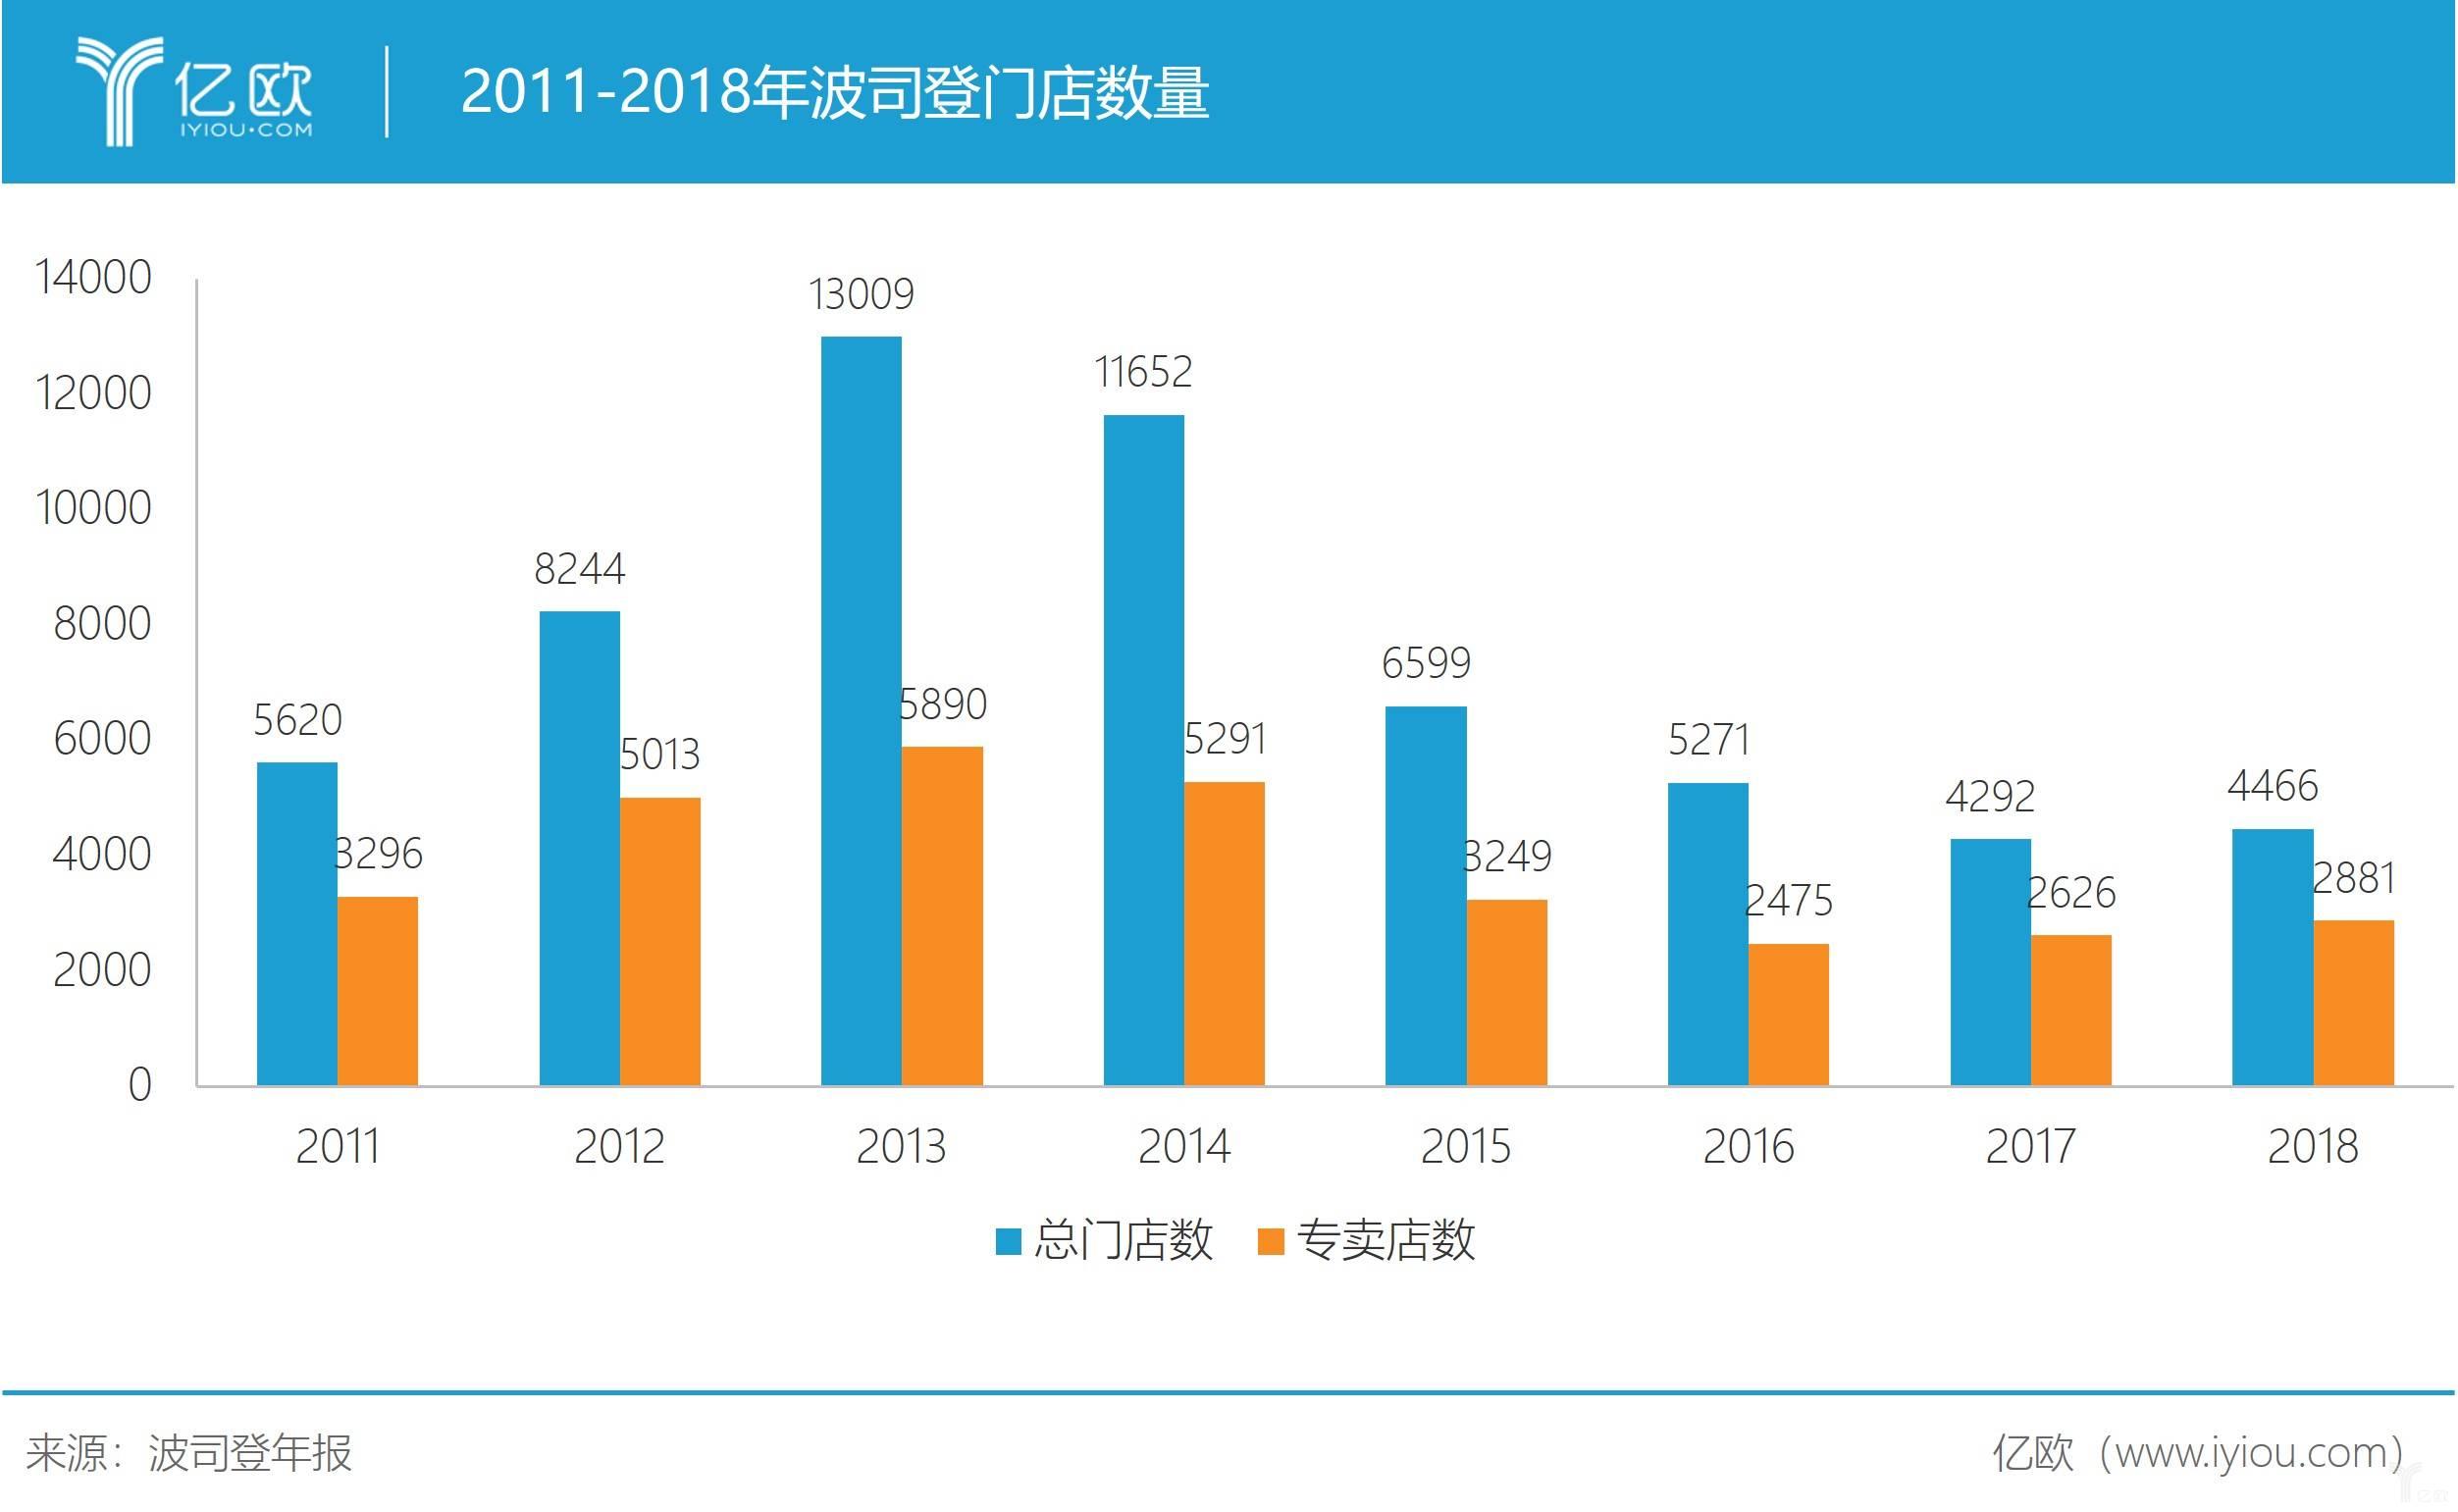 亿欧智库:2011-2018年波司登门店数量